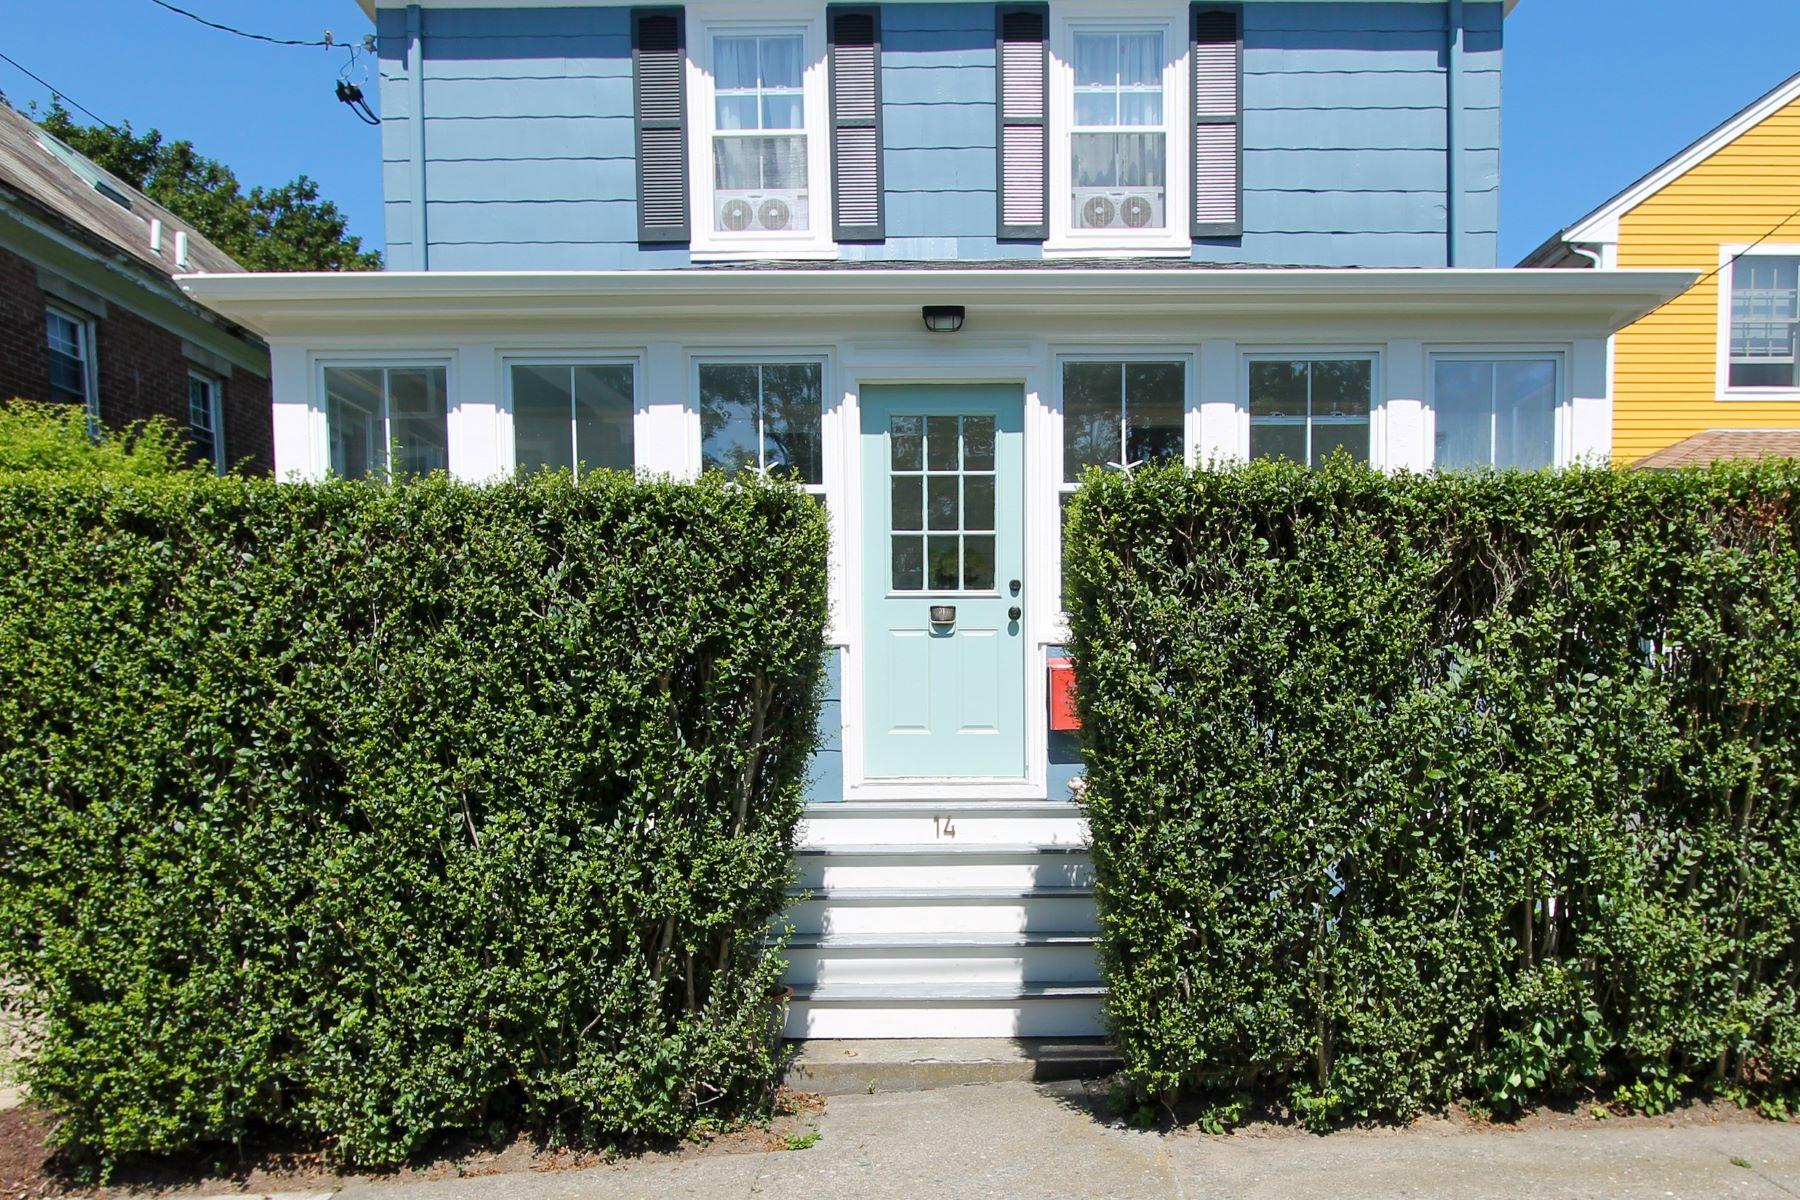 Contemporary Broadway Cottage 14 Russell Avenue Newport, Rhode Island 02840 Estados Unidos